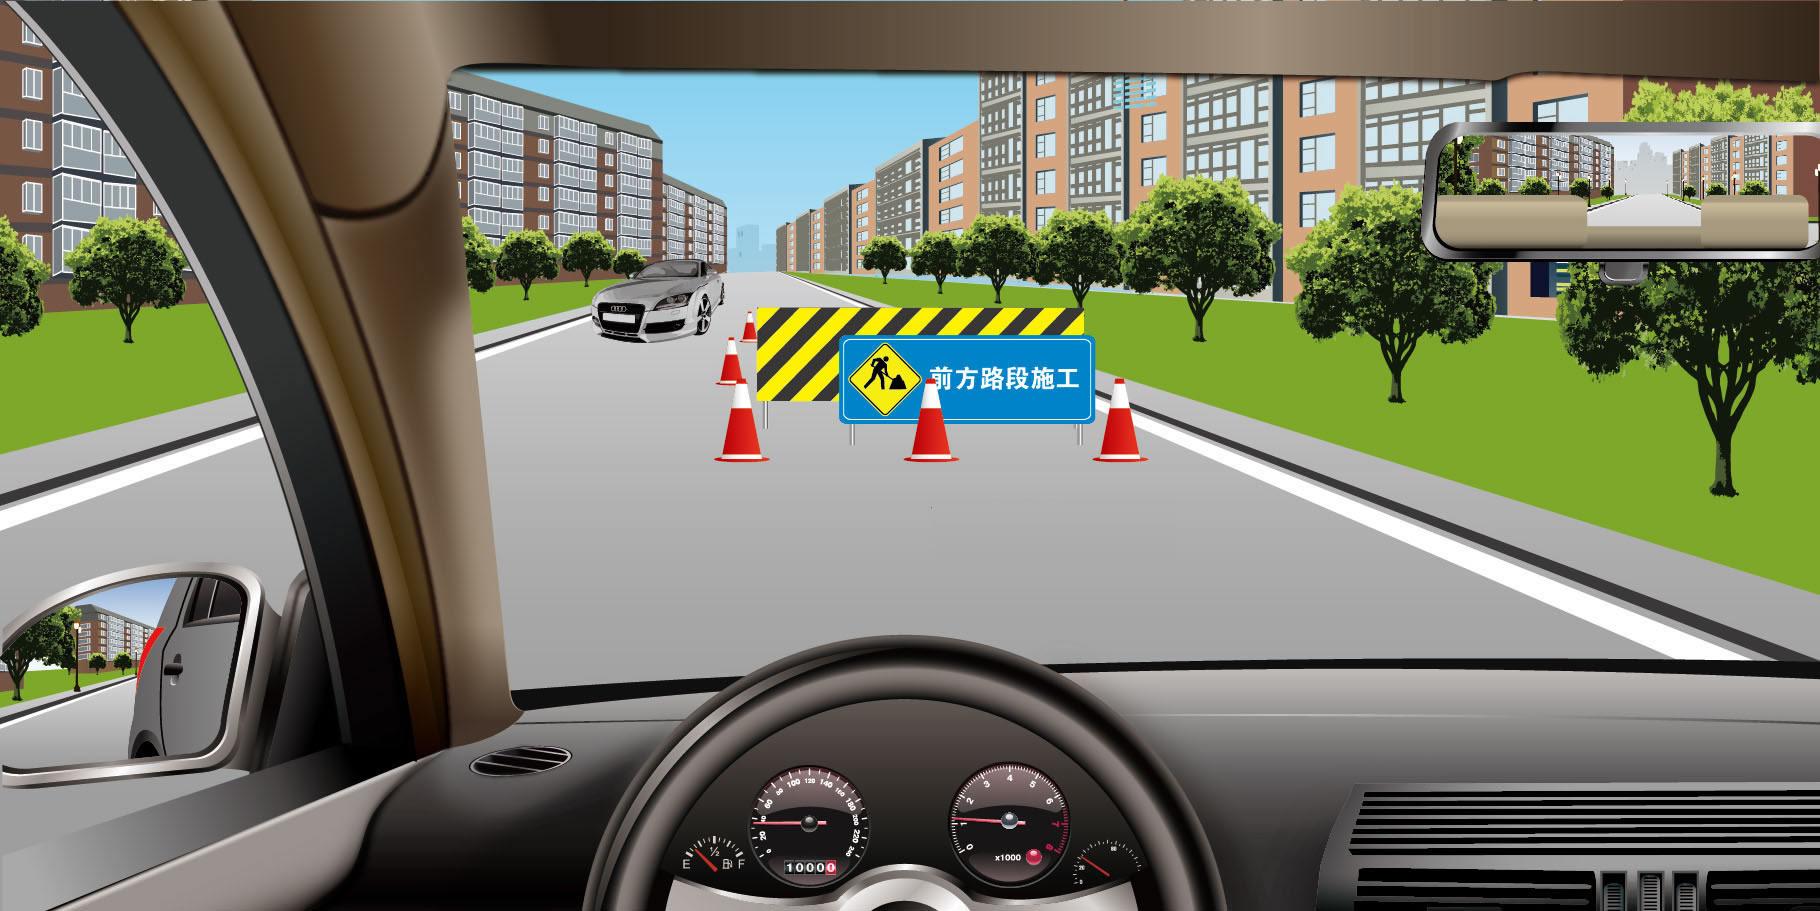 如图所示,在这种情形下,对方车辆具有先行权.